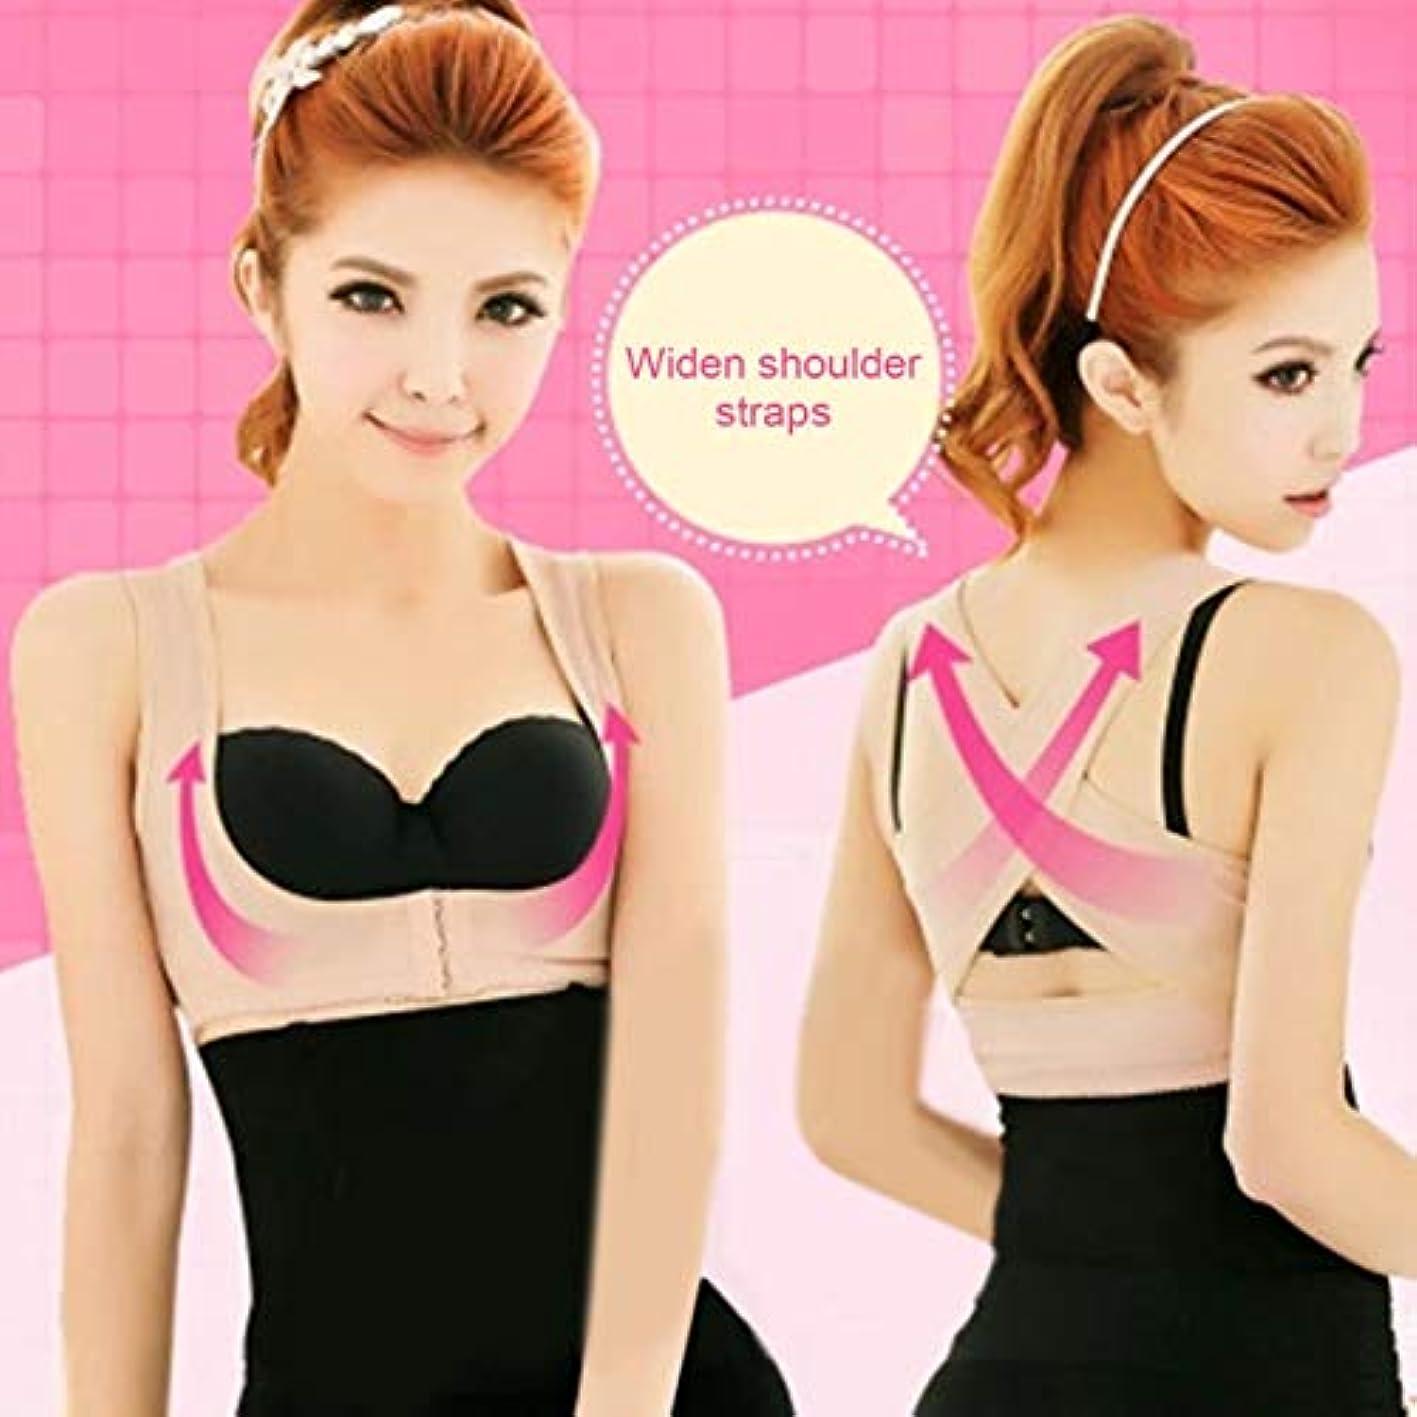 セーター回転高層ビルPosture Corrector Women Chest Brace Up Prevent Chest Sagging And Humpback Bra Cross Strap Vest Body Shaper Slimming...